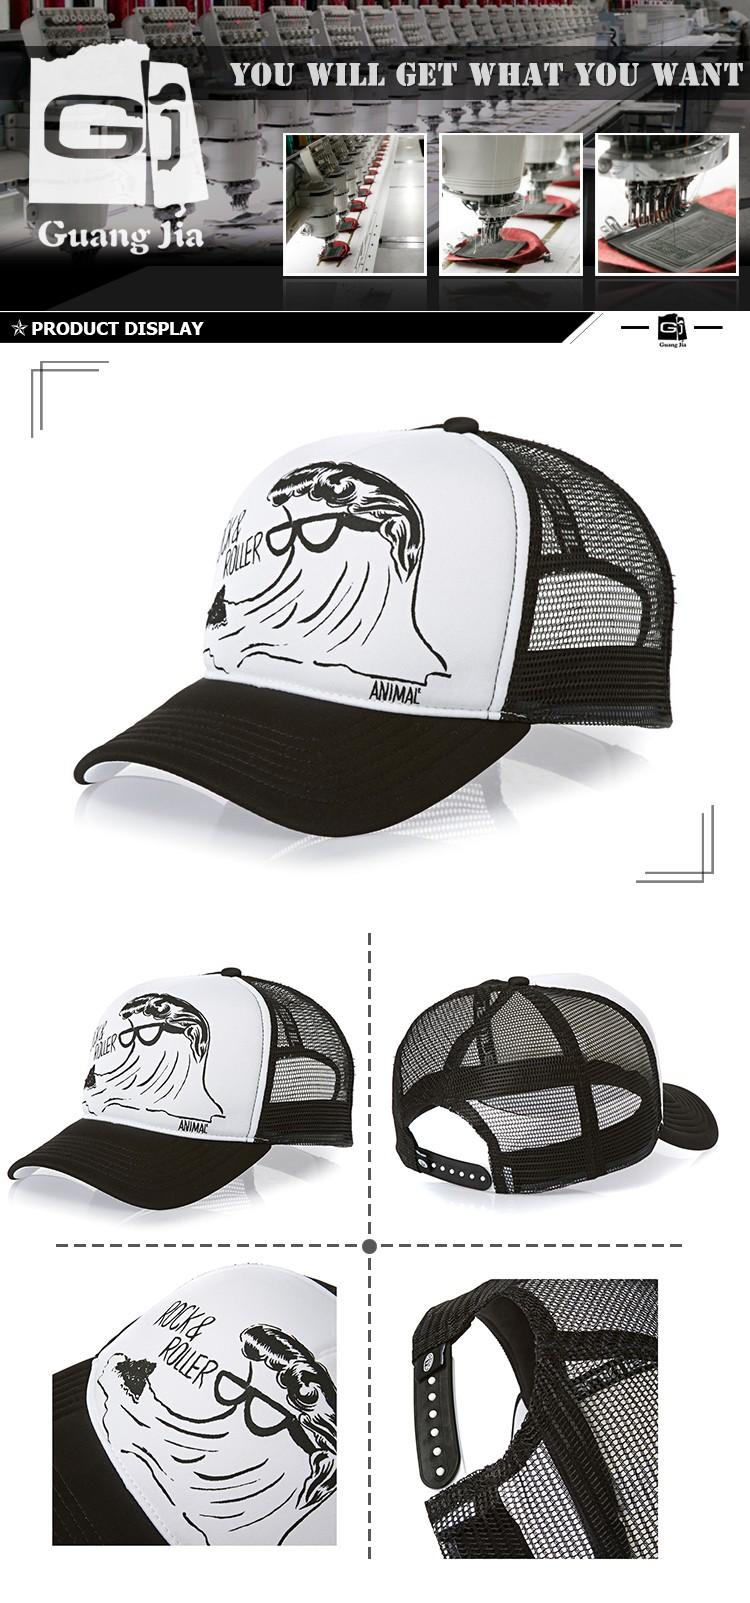 d002cf8b797 Guangjia Custom Printed Logo 5 Panels Foam Baseball Mesh Cap Trucker ...